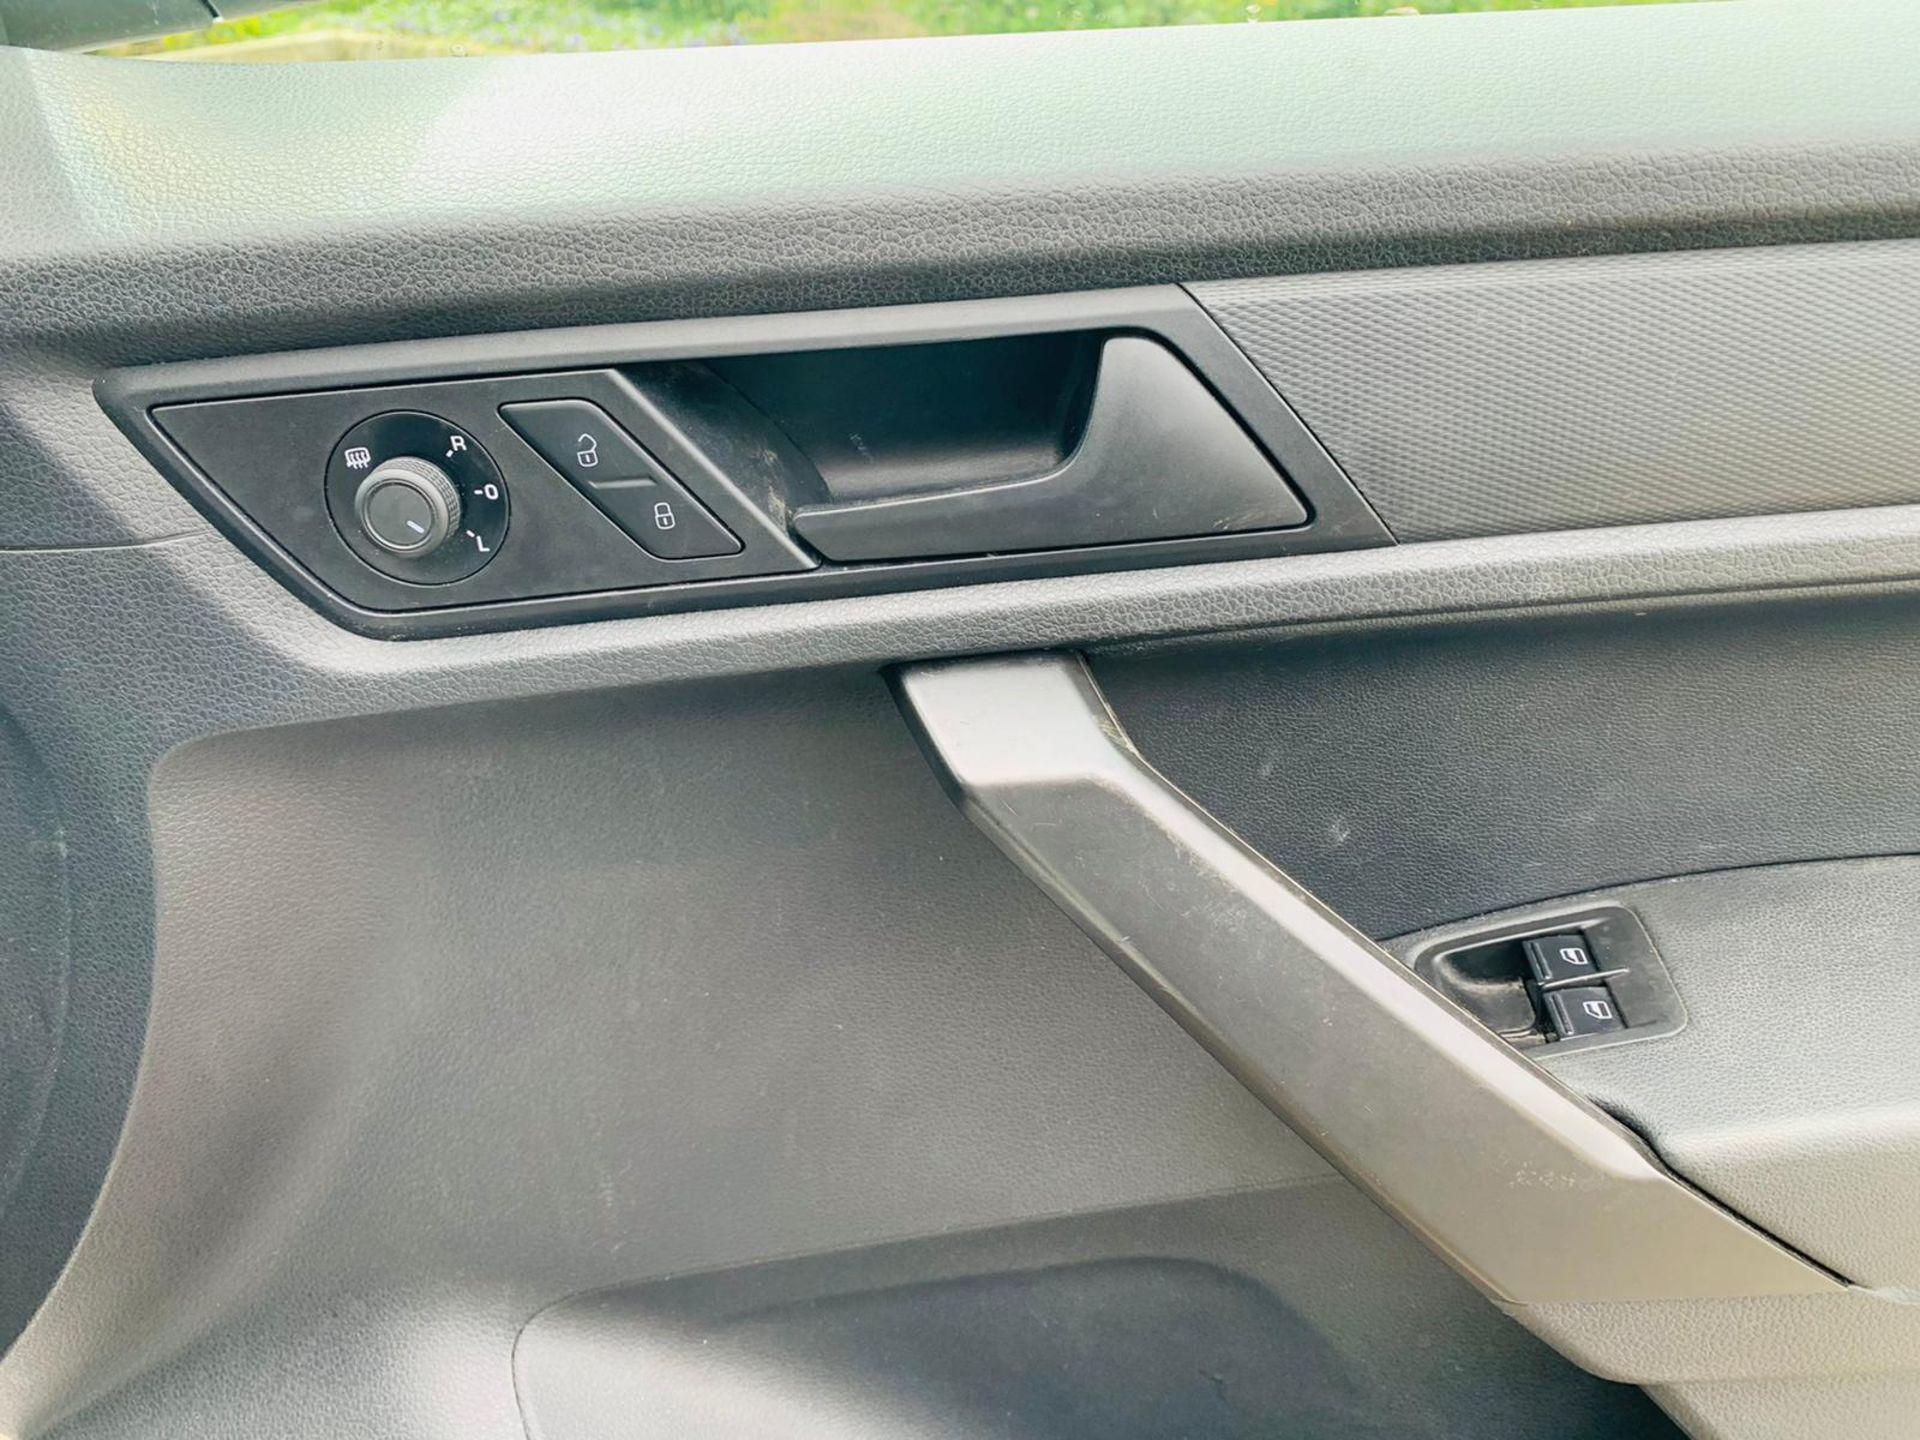 (RESERVE MET)Volkswagen (VW) Caddy 2.0 TDI C20 Startline - 2017 17 Reg - Euro 6 - ULEZ Compliant - - Image 19 of 20